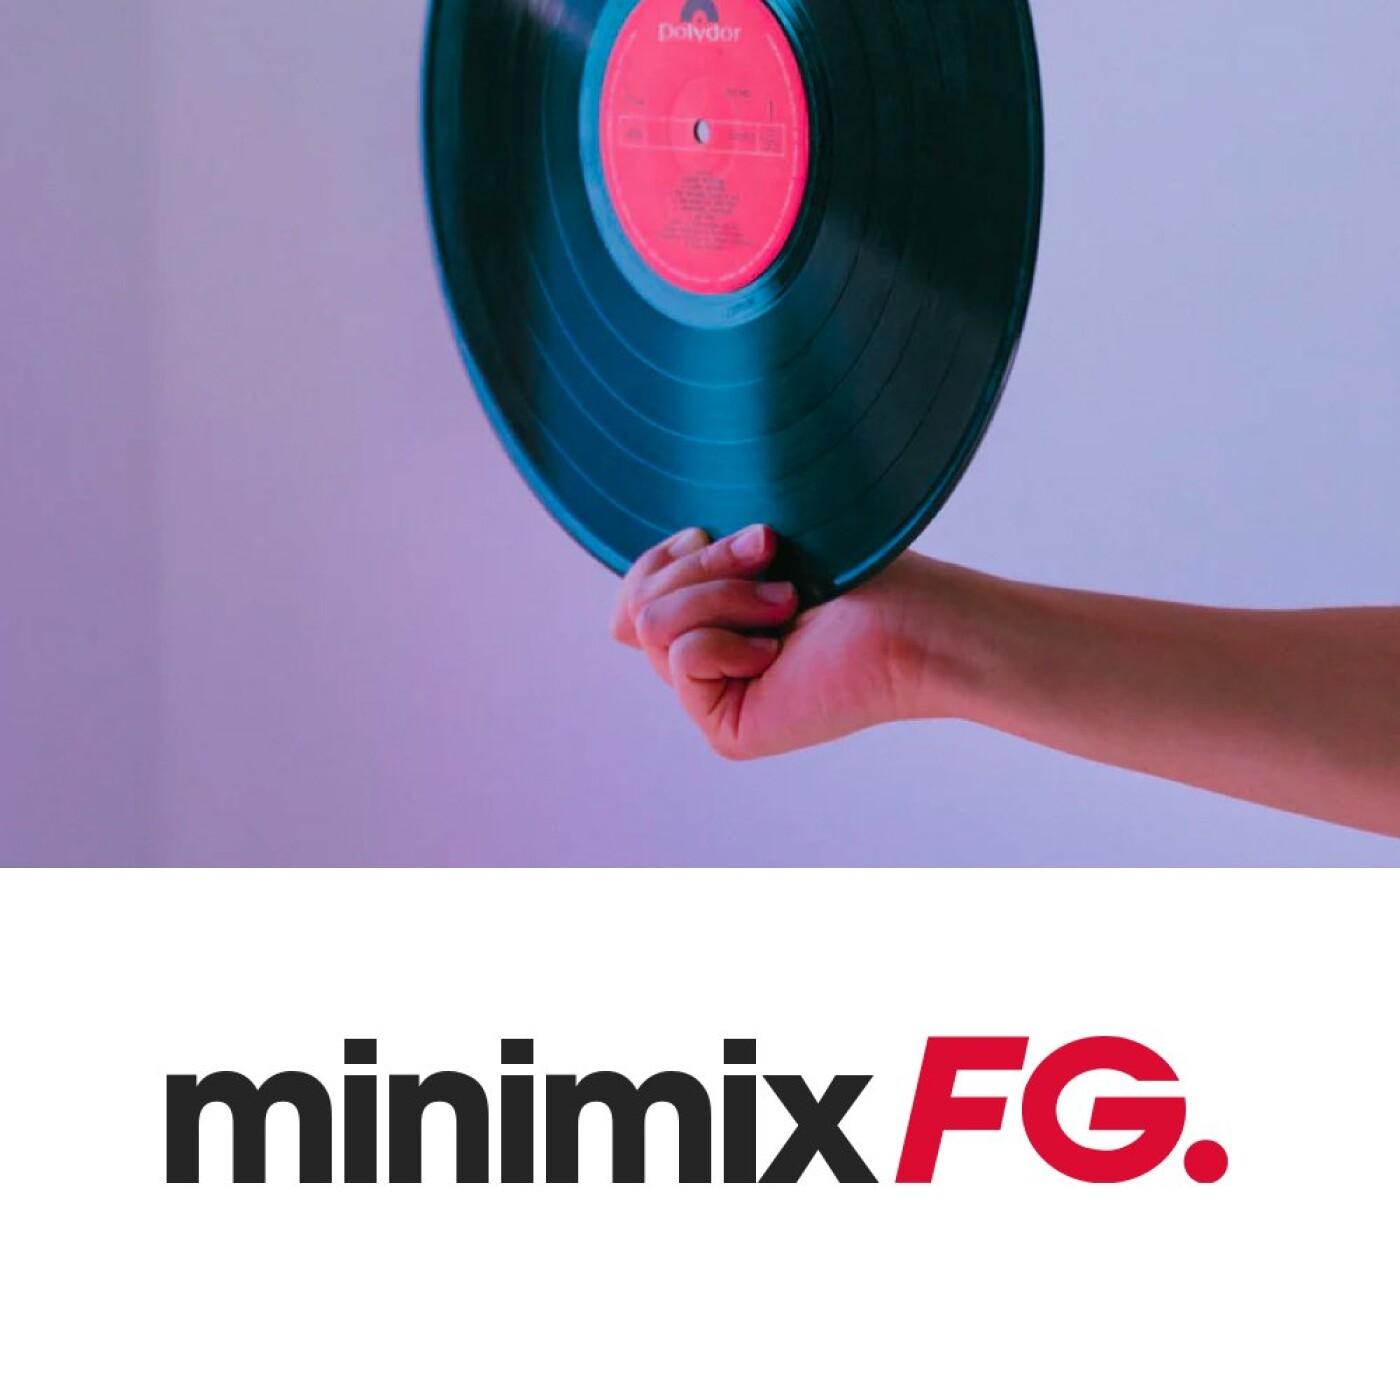 MINIMIX FG : ELECTRO FEEL GOOD